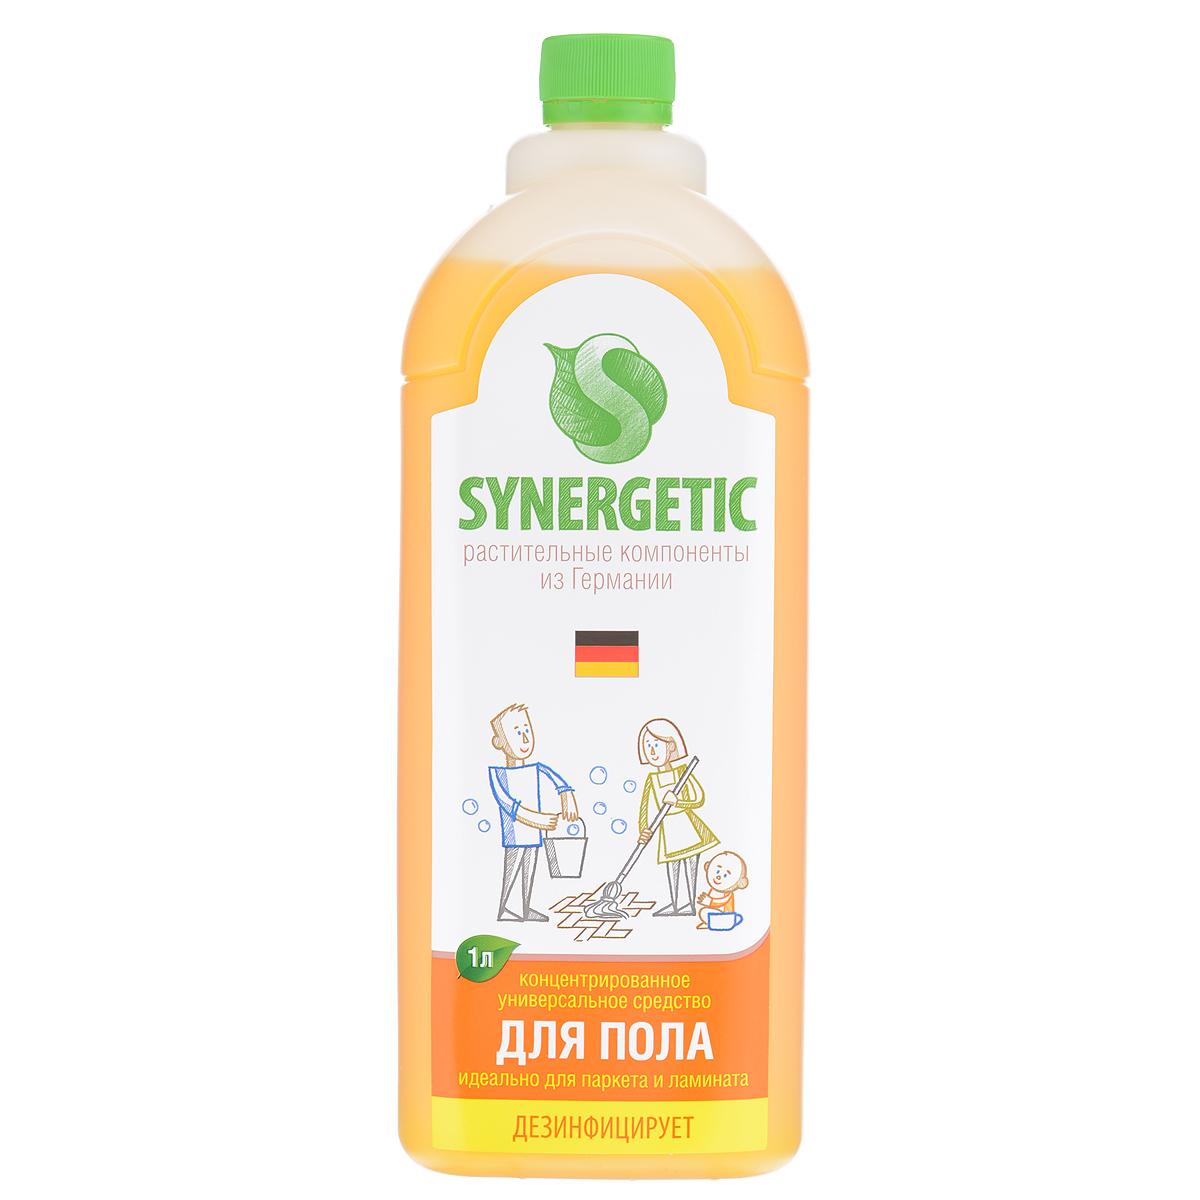 Средство для мытья полов Synergetic, концентрированное, 1 л101100Концентрированное средство для мытья полов Synergetic мягко очищает и ухаживает, защищая поверхность от неблагоприятного внешнего воздействия. Не оставляет разводов. Идеально подходит для мытья паркета и ламината, а также любых других поверхностей.Состав: 5-15% А-тензиды (растительного происхождения), НТА 3%, натуральный экстракт цветов, пищевой краситель.Товар сертифицирован.Как выбрать качественную бытовую химию, безопасную для природы и людей. Статья OZON Гид